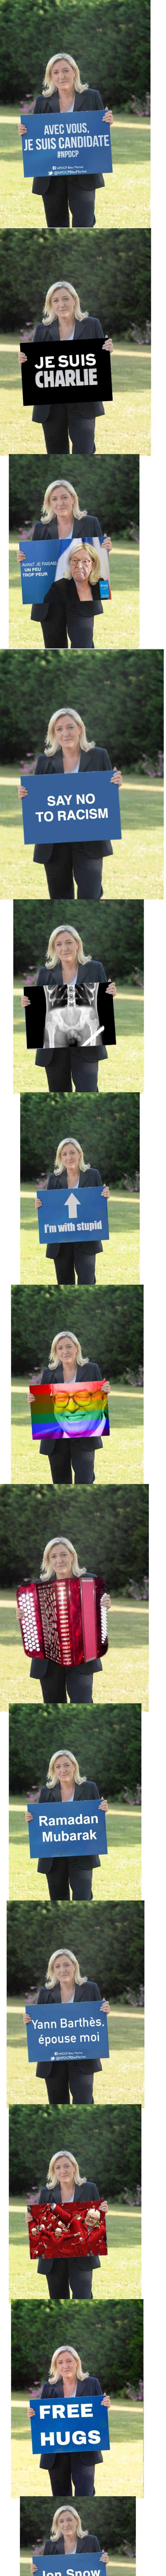 Marine Le Pen a récemment posté une photo politique où elle tient une pancarte. Du coup, tous les détournements sont possibles. Un petit aperçu de quelques-uns.  P.S. Je m'excuse d'avance d'être nul en image et de tout faire avec Paint.